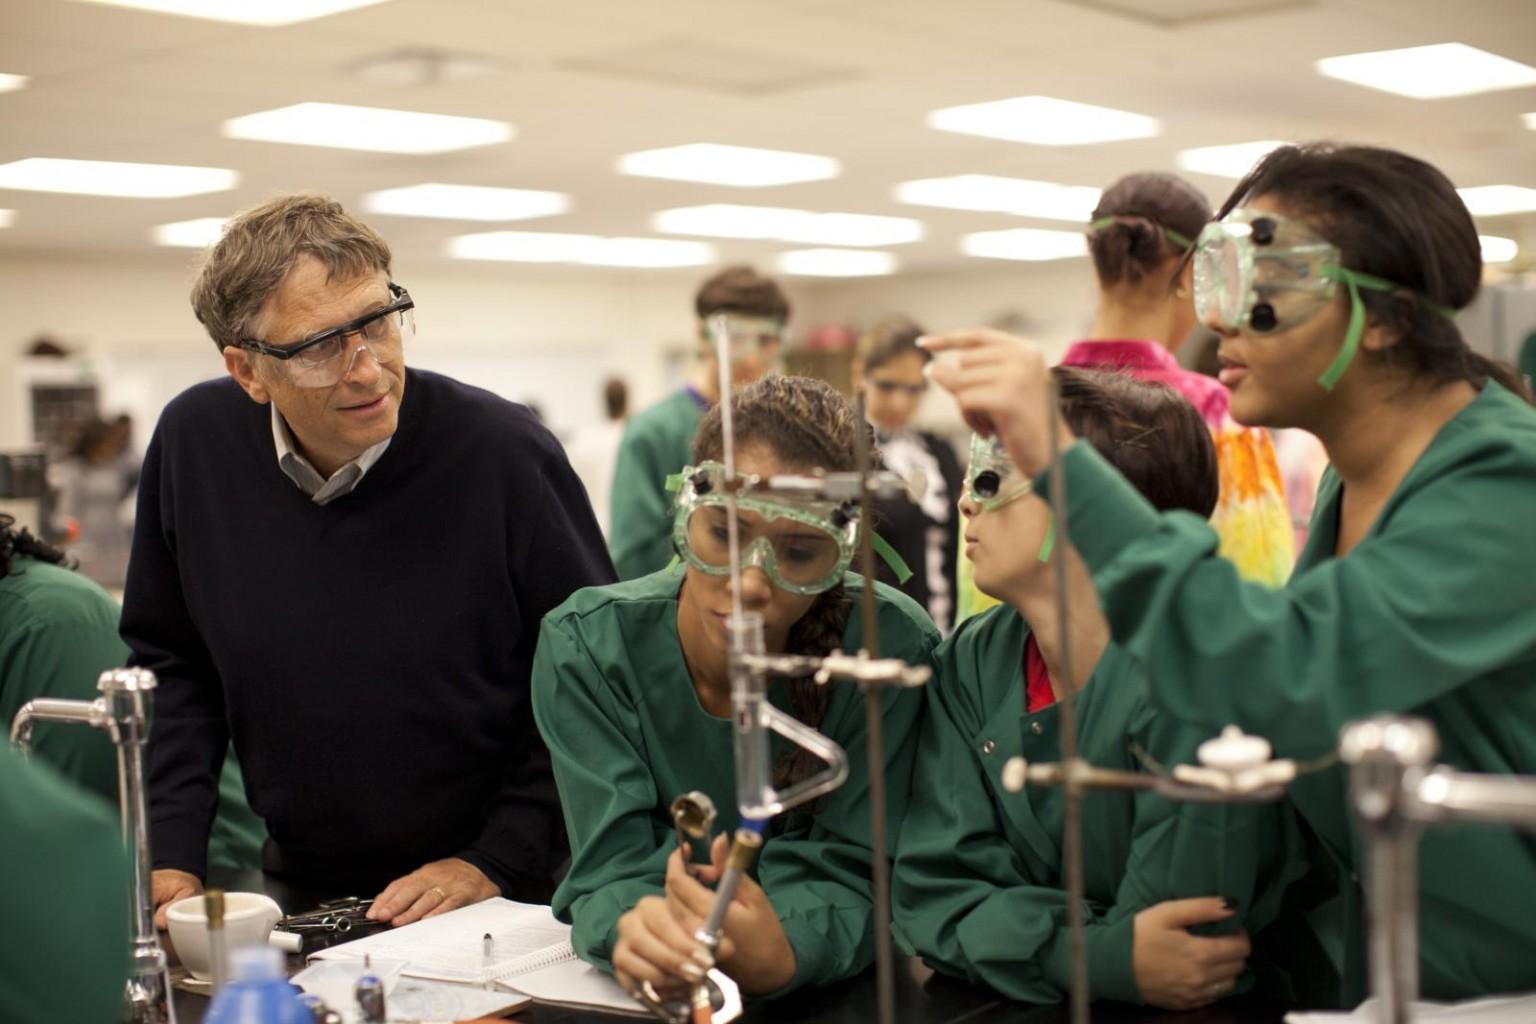 Análisis muestra cómo Bill Gates influye en la política educativa